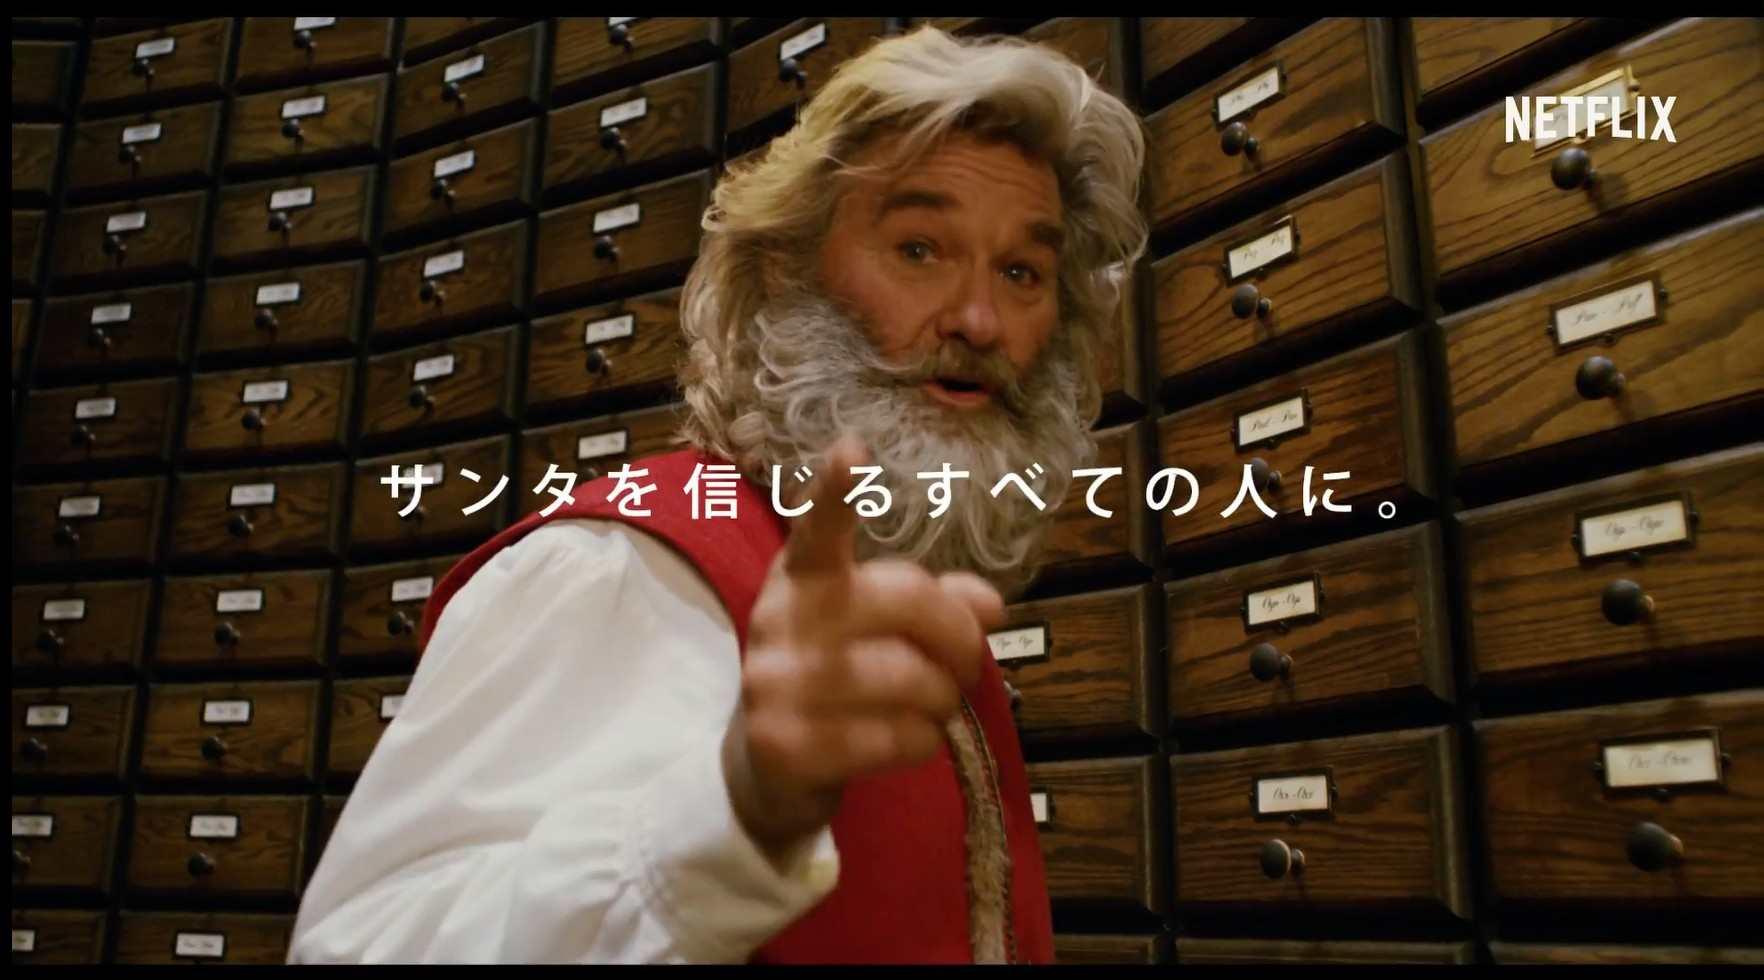 渡边 龙平- NETFLIX网飞 圣诞节作品 TVCM